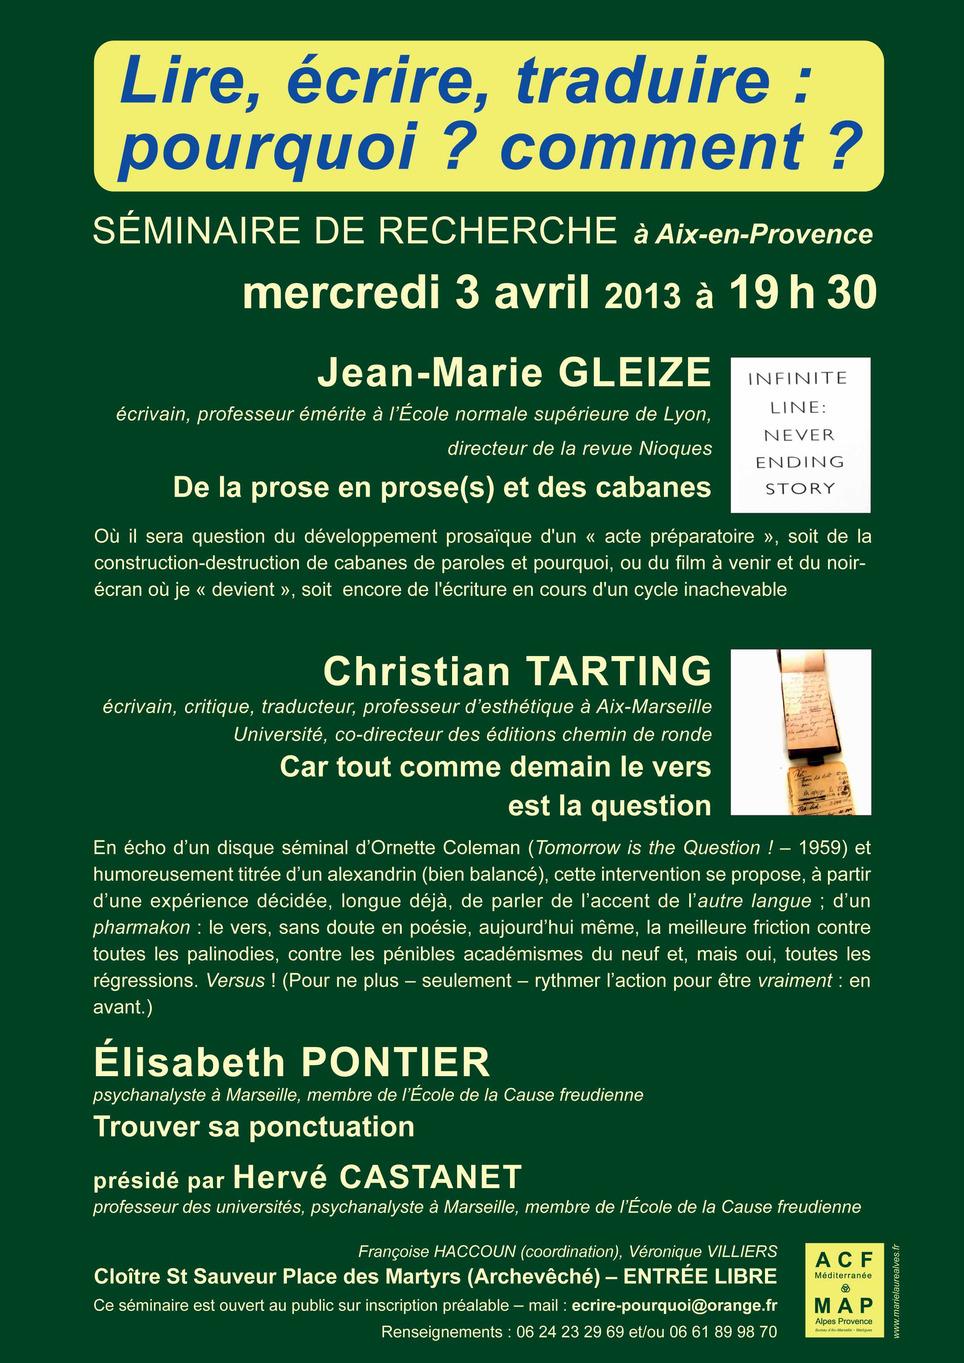 Lire, écrire, traduire, pourquoi ? comment ? avec JM Gleize et C. Tarting | Poezibao | Scoop.it